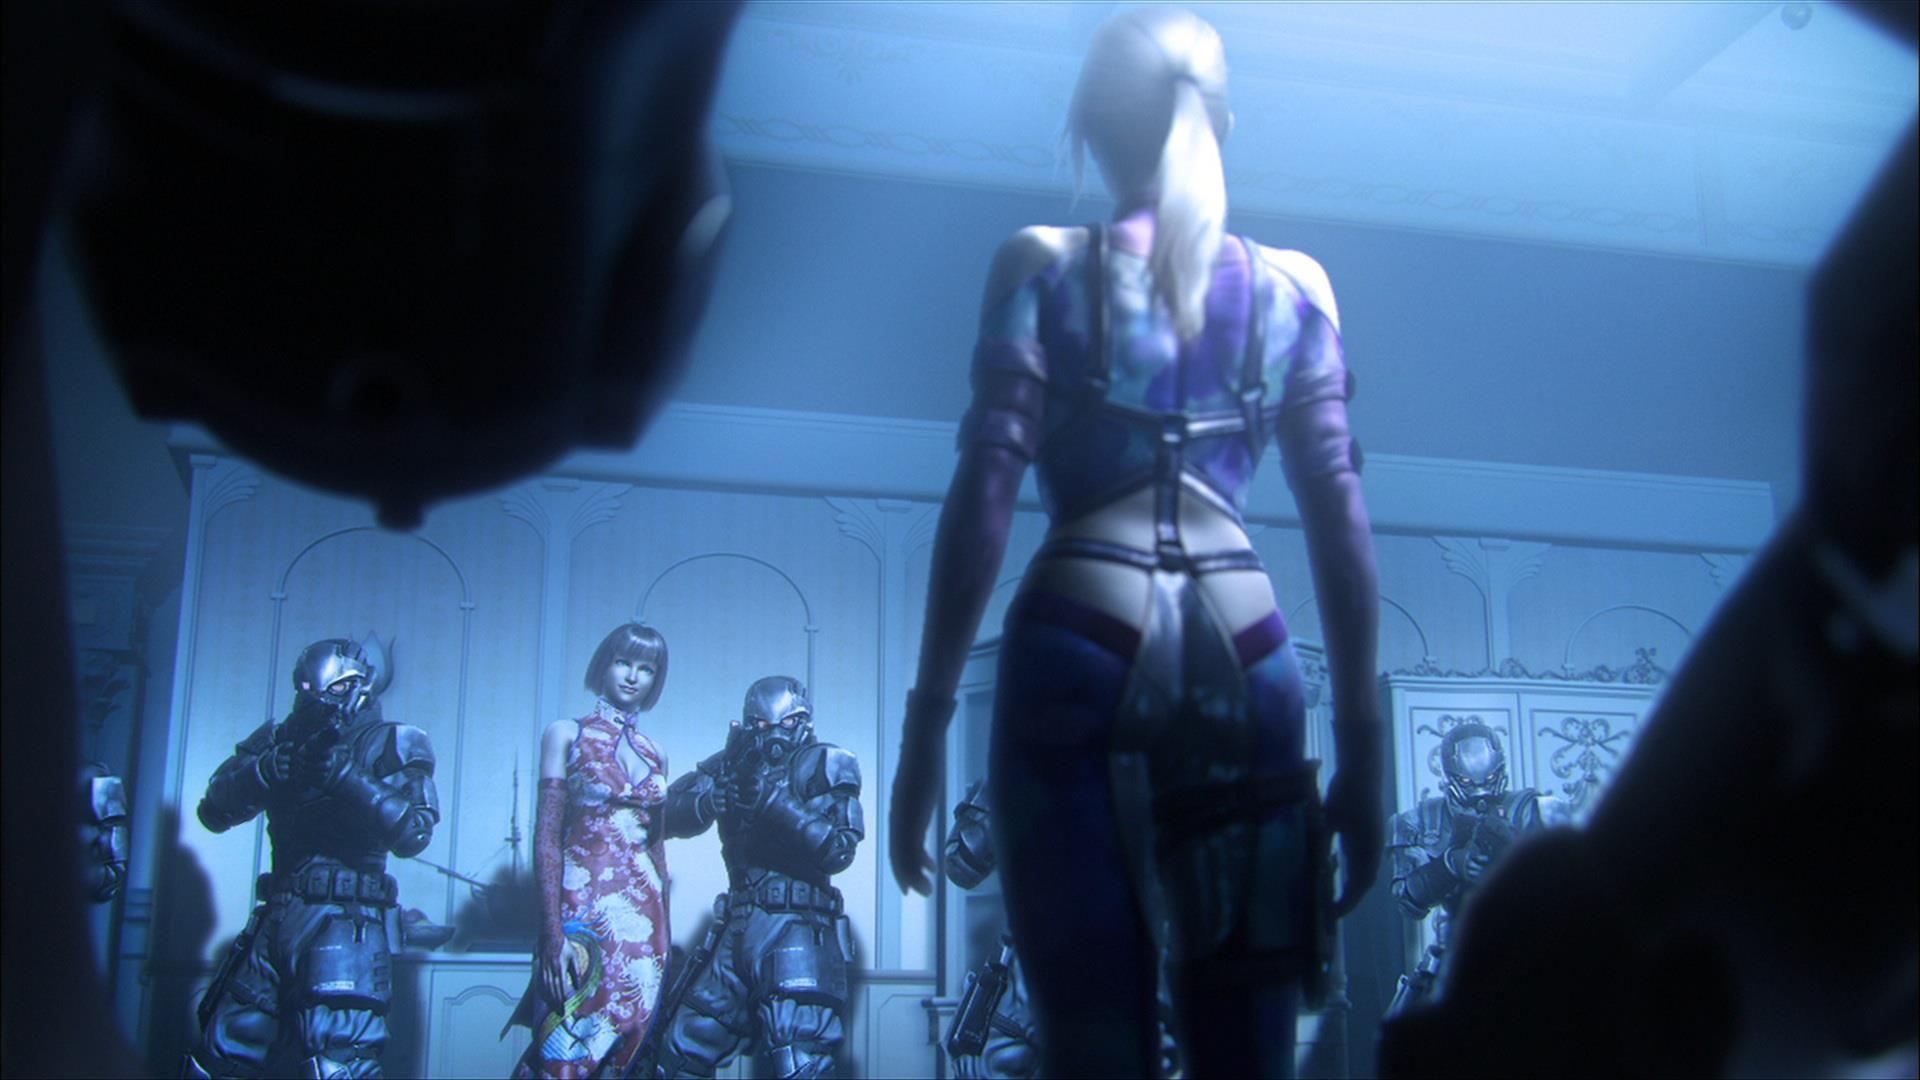 кадры из фильма Теккен: Кровная месть*